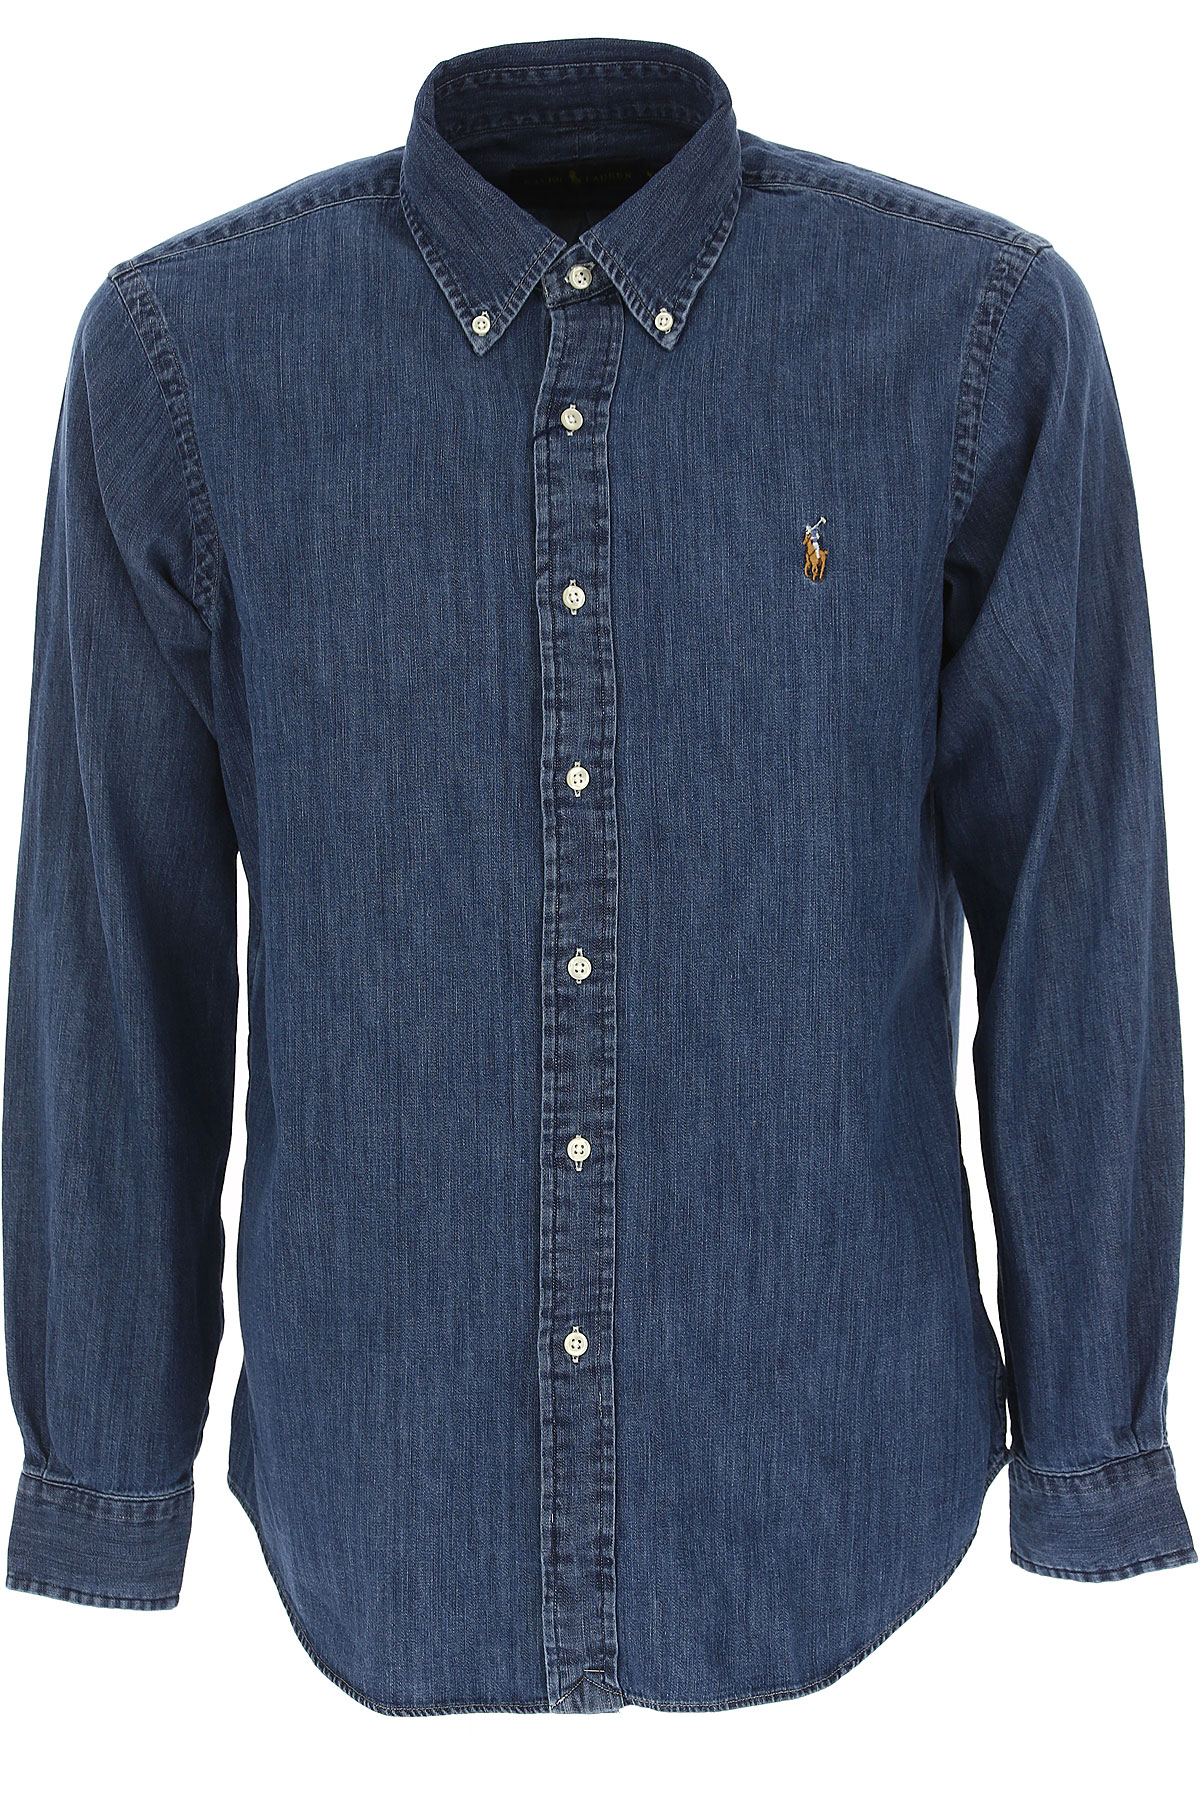 Ralph Lauren Shirt for Men On Sale, Denim Blue, Cotton, 2017, S • IT 46 M • IT 48 L • IT 50 XL • IT 52